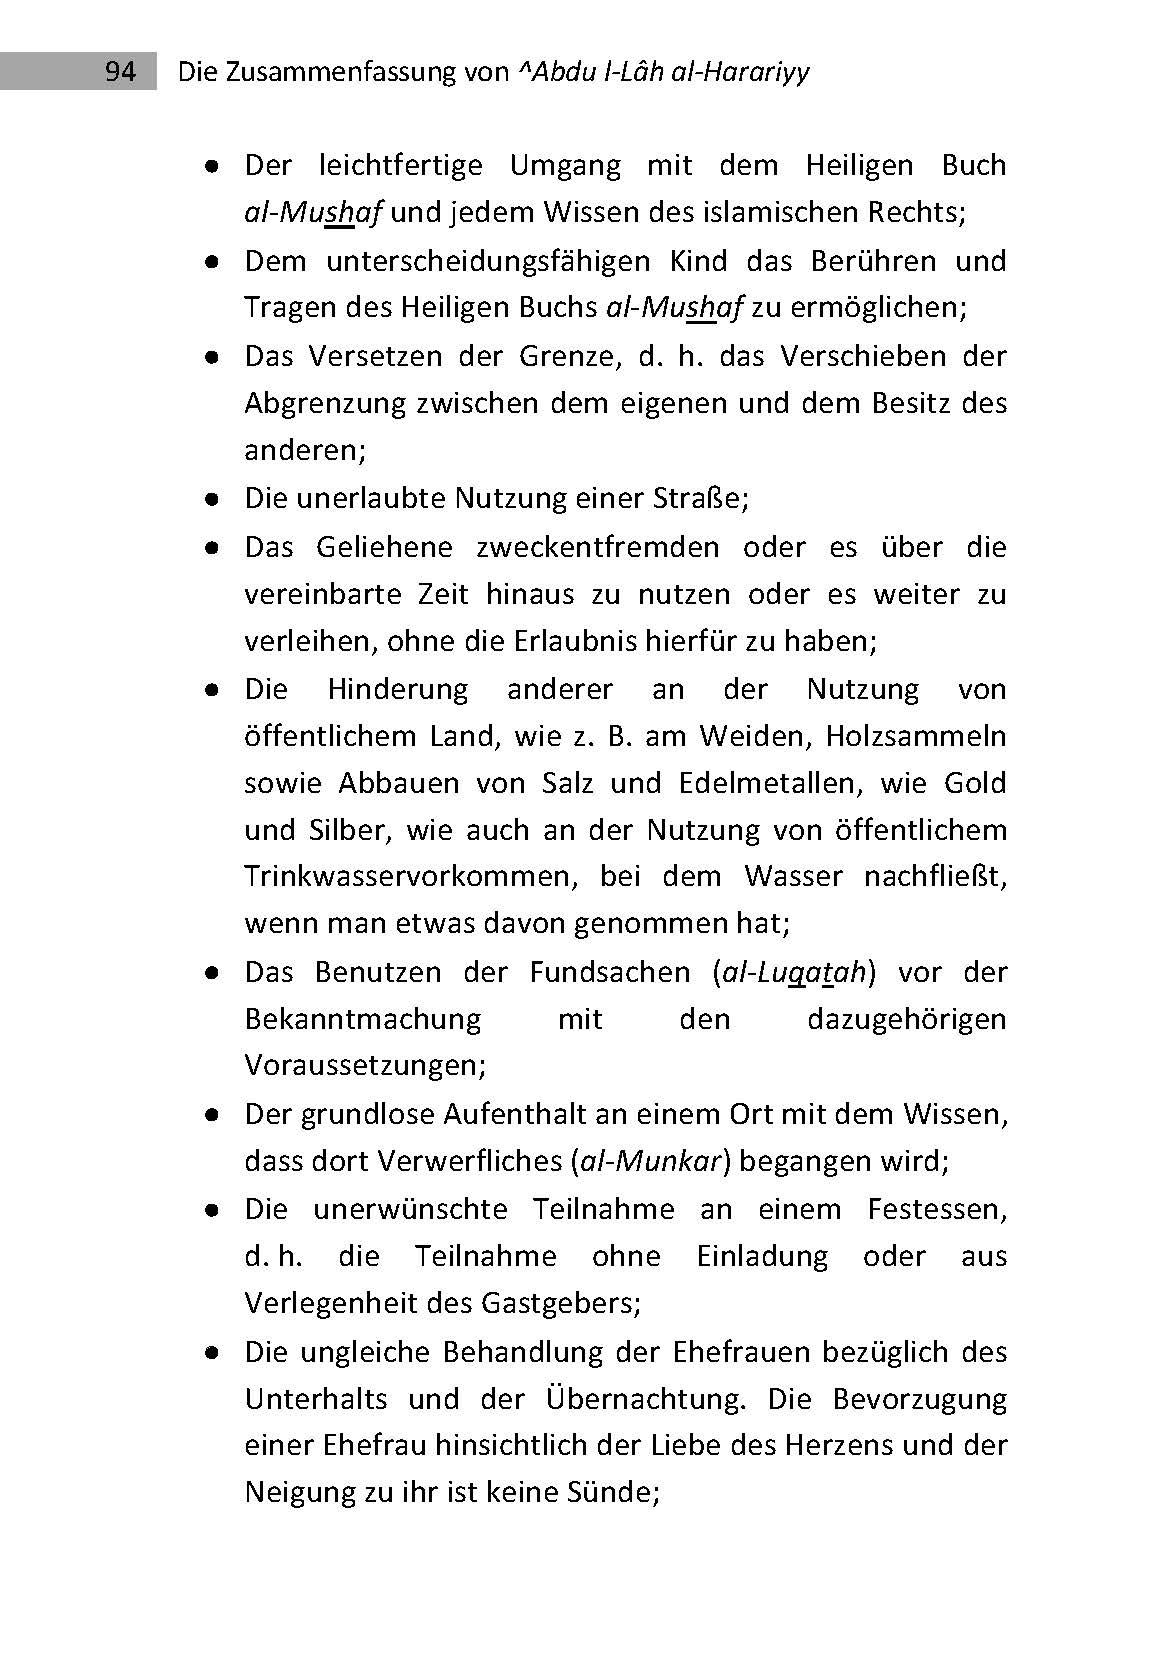 Die Zusammenfassung - 3. Auflage 2014_Seite_94